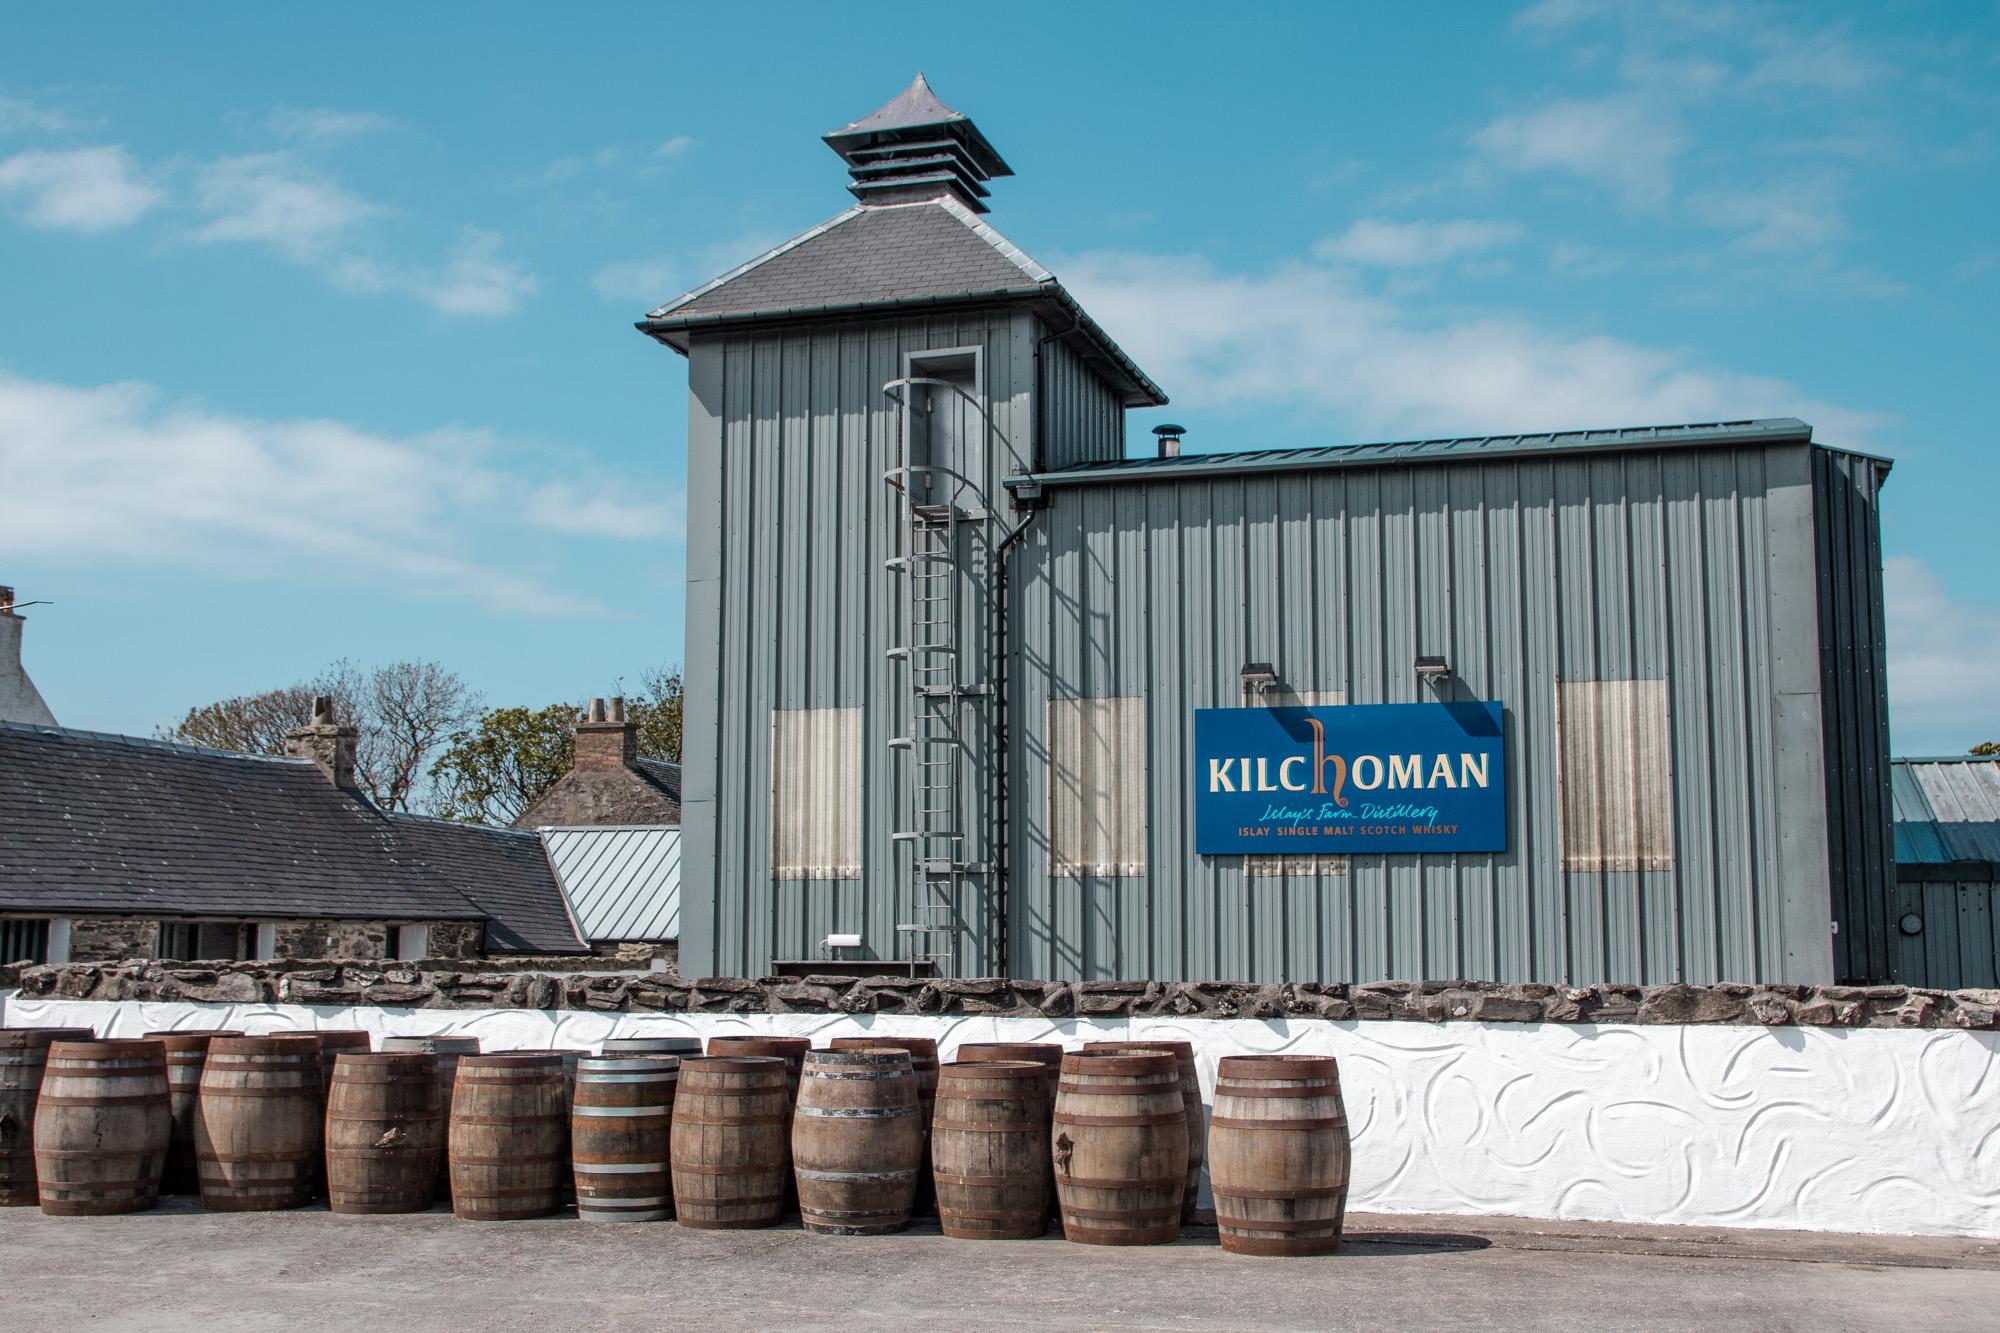 Kilchoman Destillery - Whisky Brennerei auf der Insel Islay, Schottland